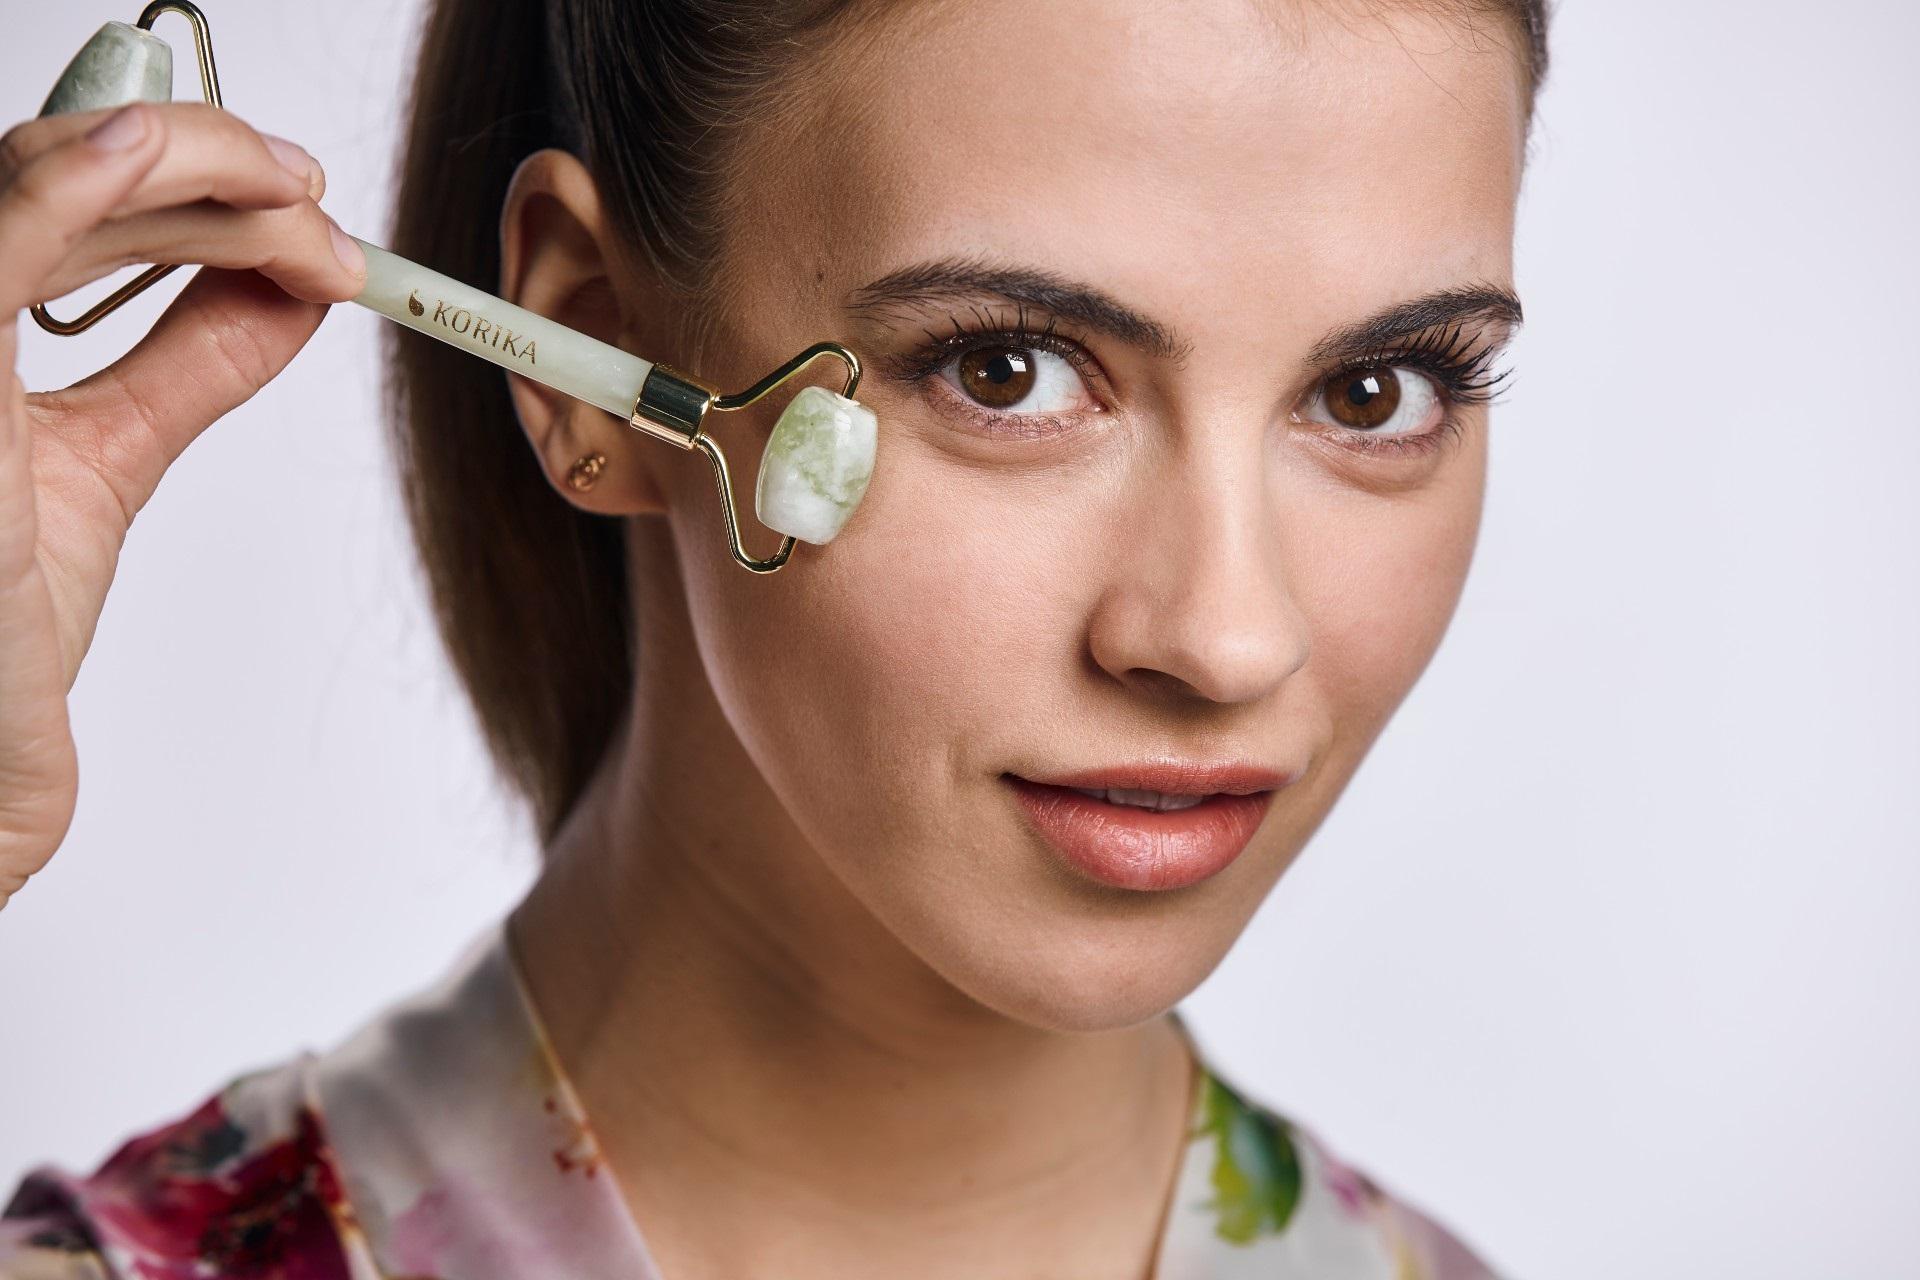 Gesichtsmassage ganz einfach! TOP Hilfsmittel für eine faltenfreie Haut